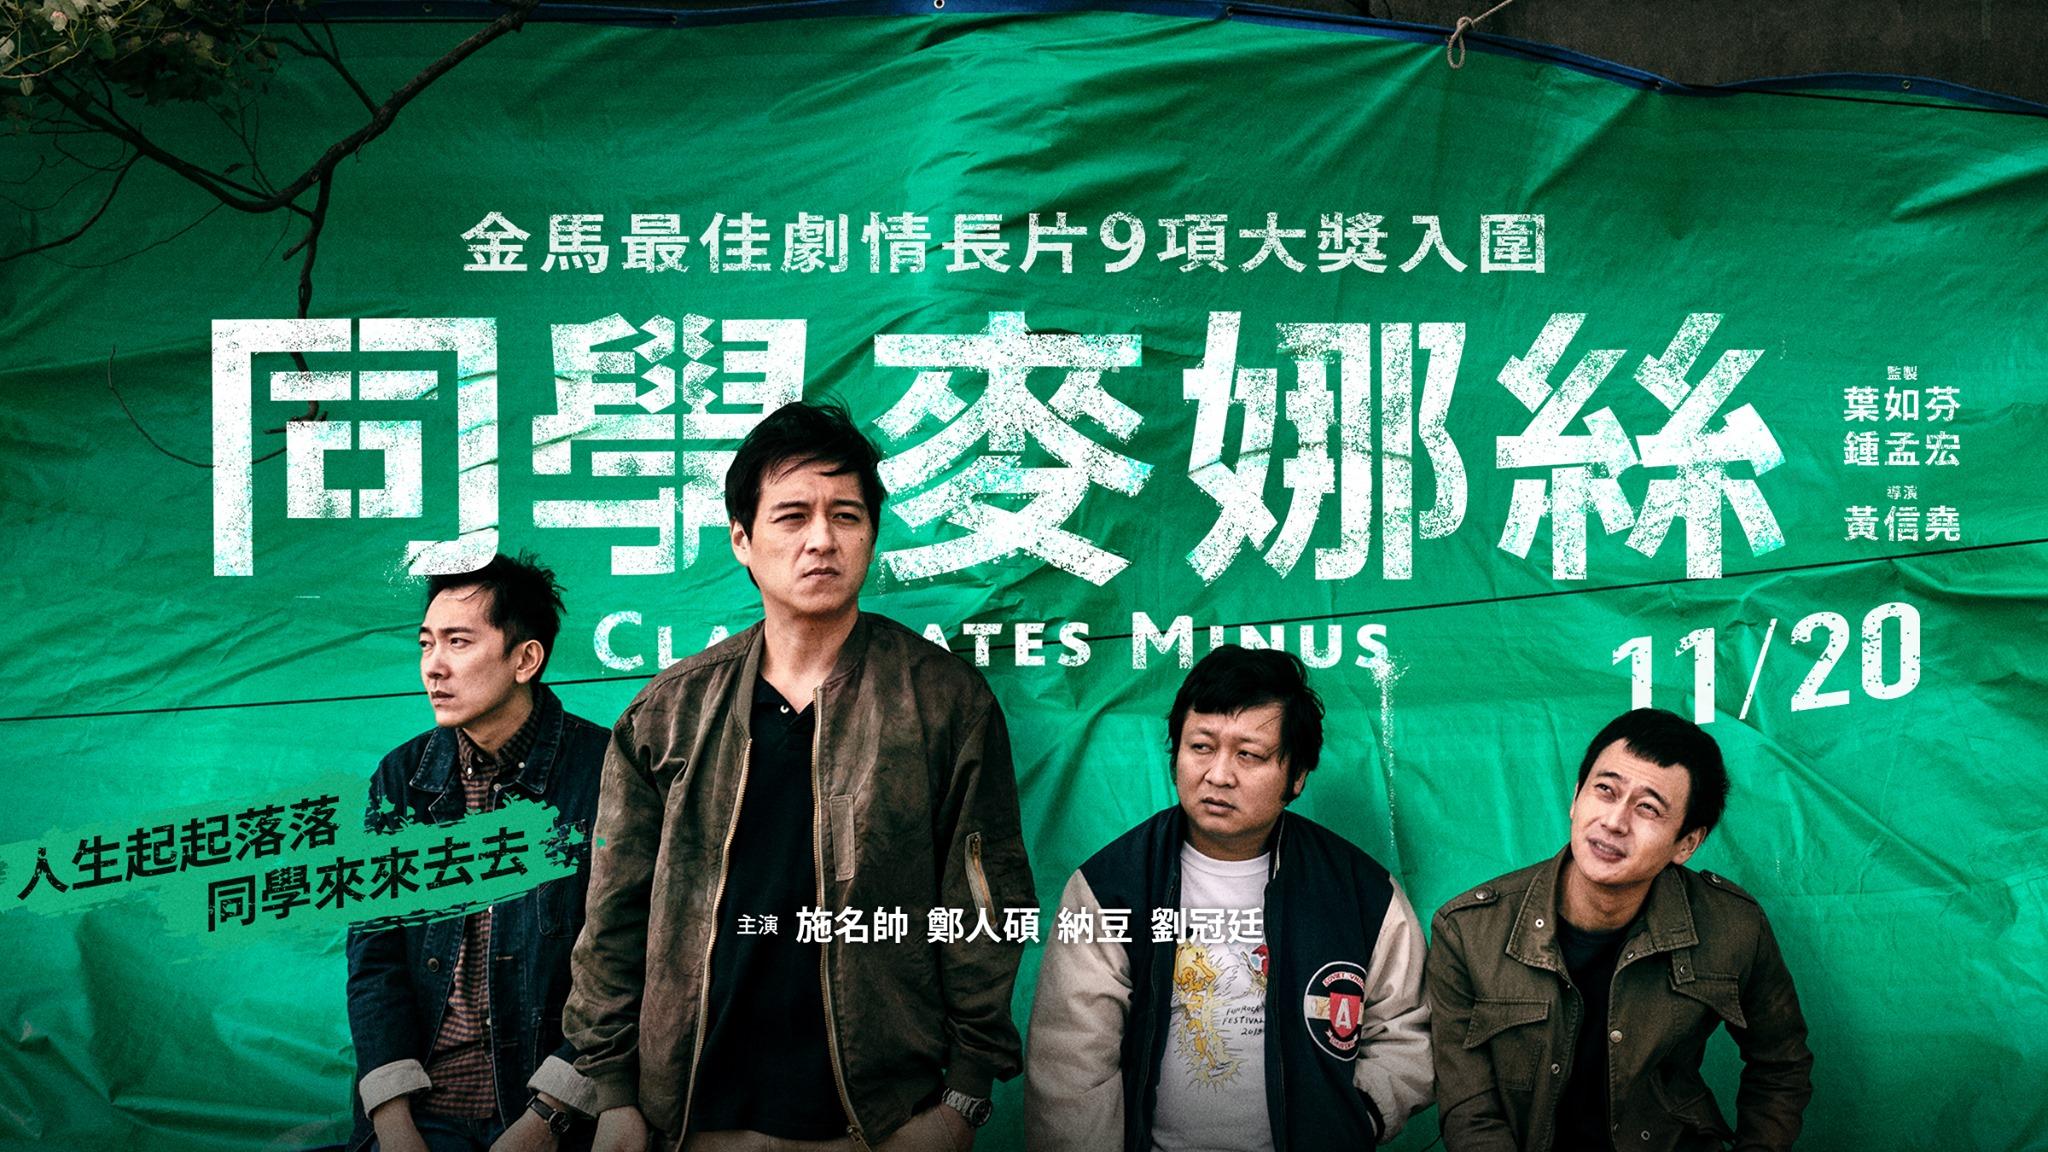 青春回憶與電影批評的界線:關於《同學麥娜絲》與黃信堯